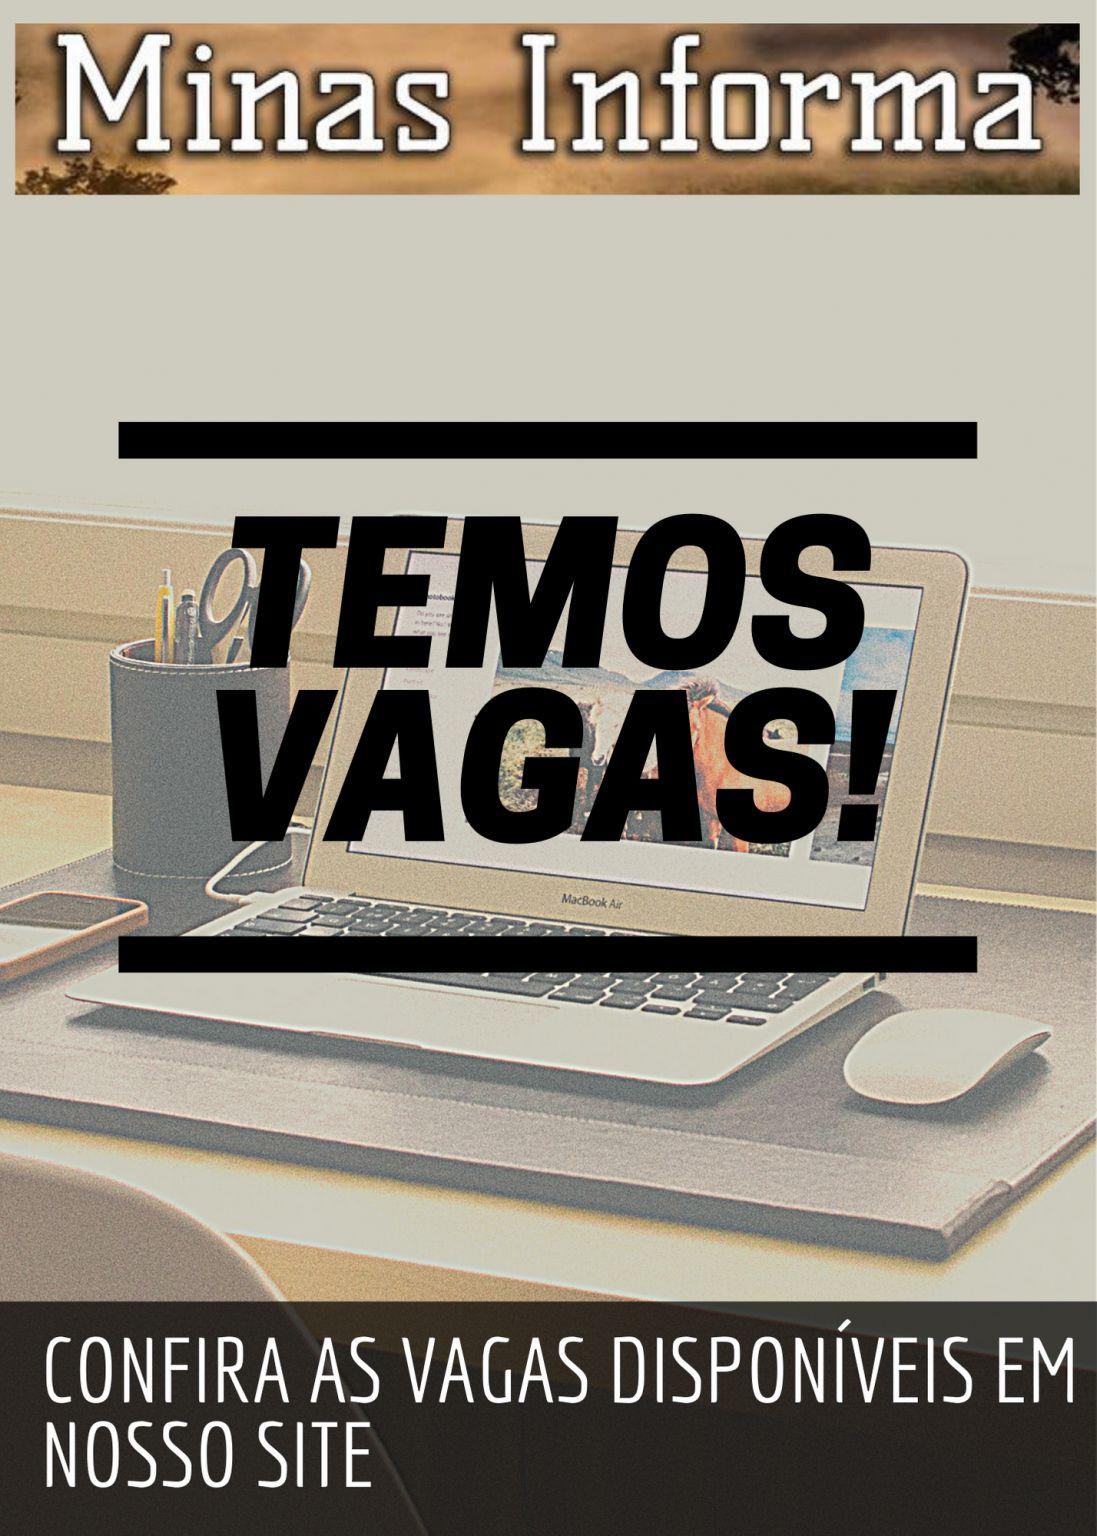 Confira as vagas disponíveis no Sine de Lafaiete nesta sexta-feira, dia 09 de abril